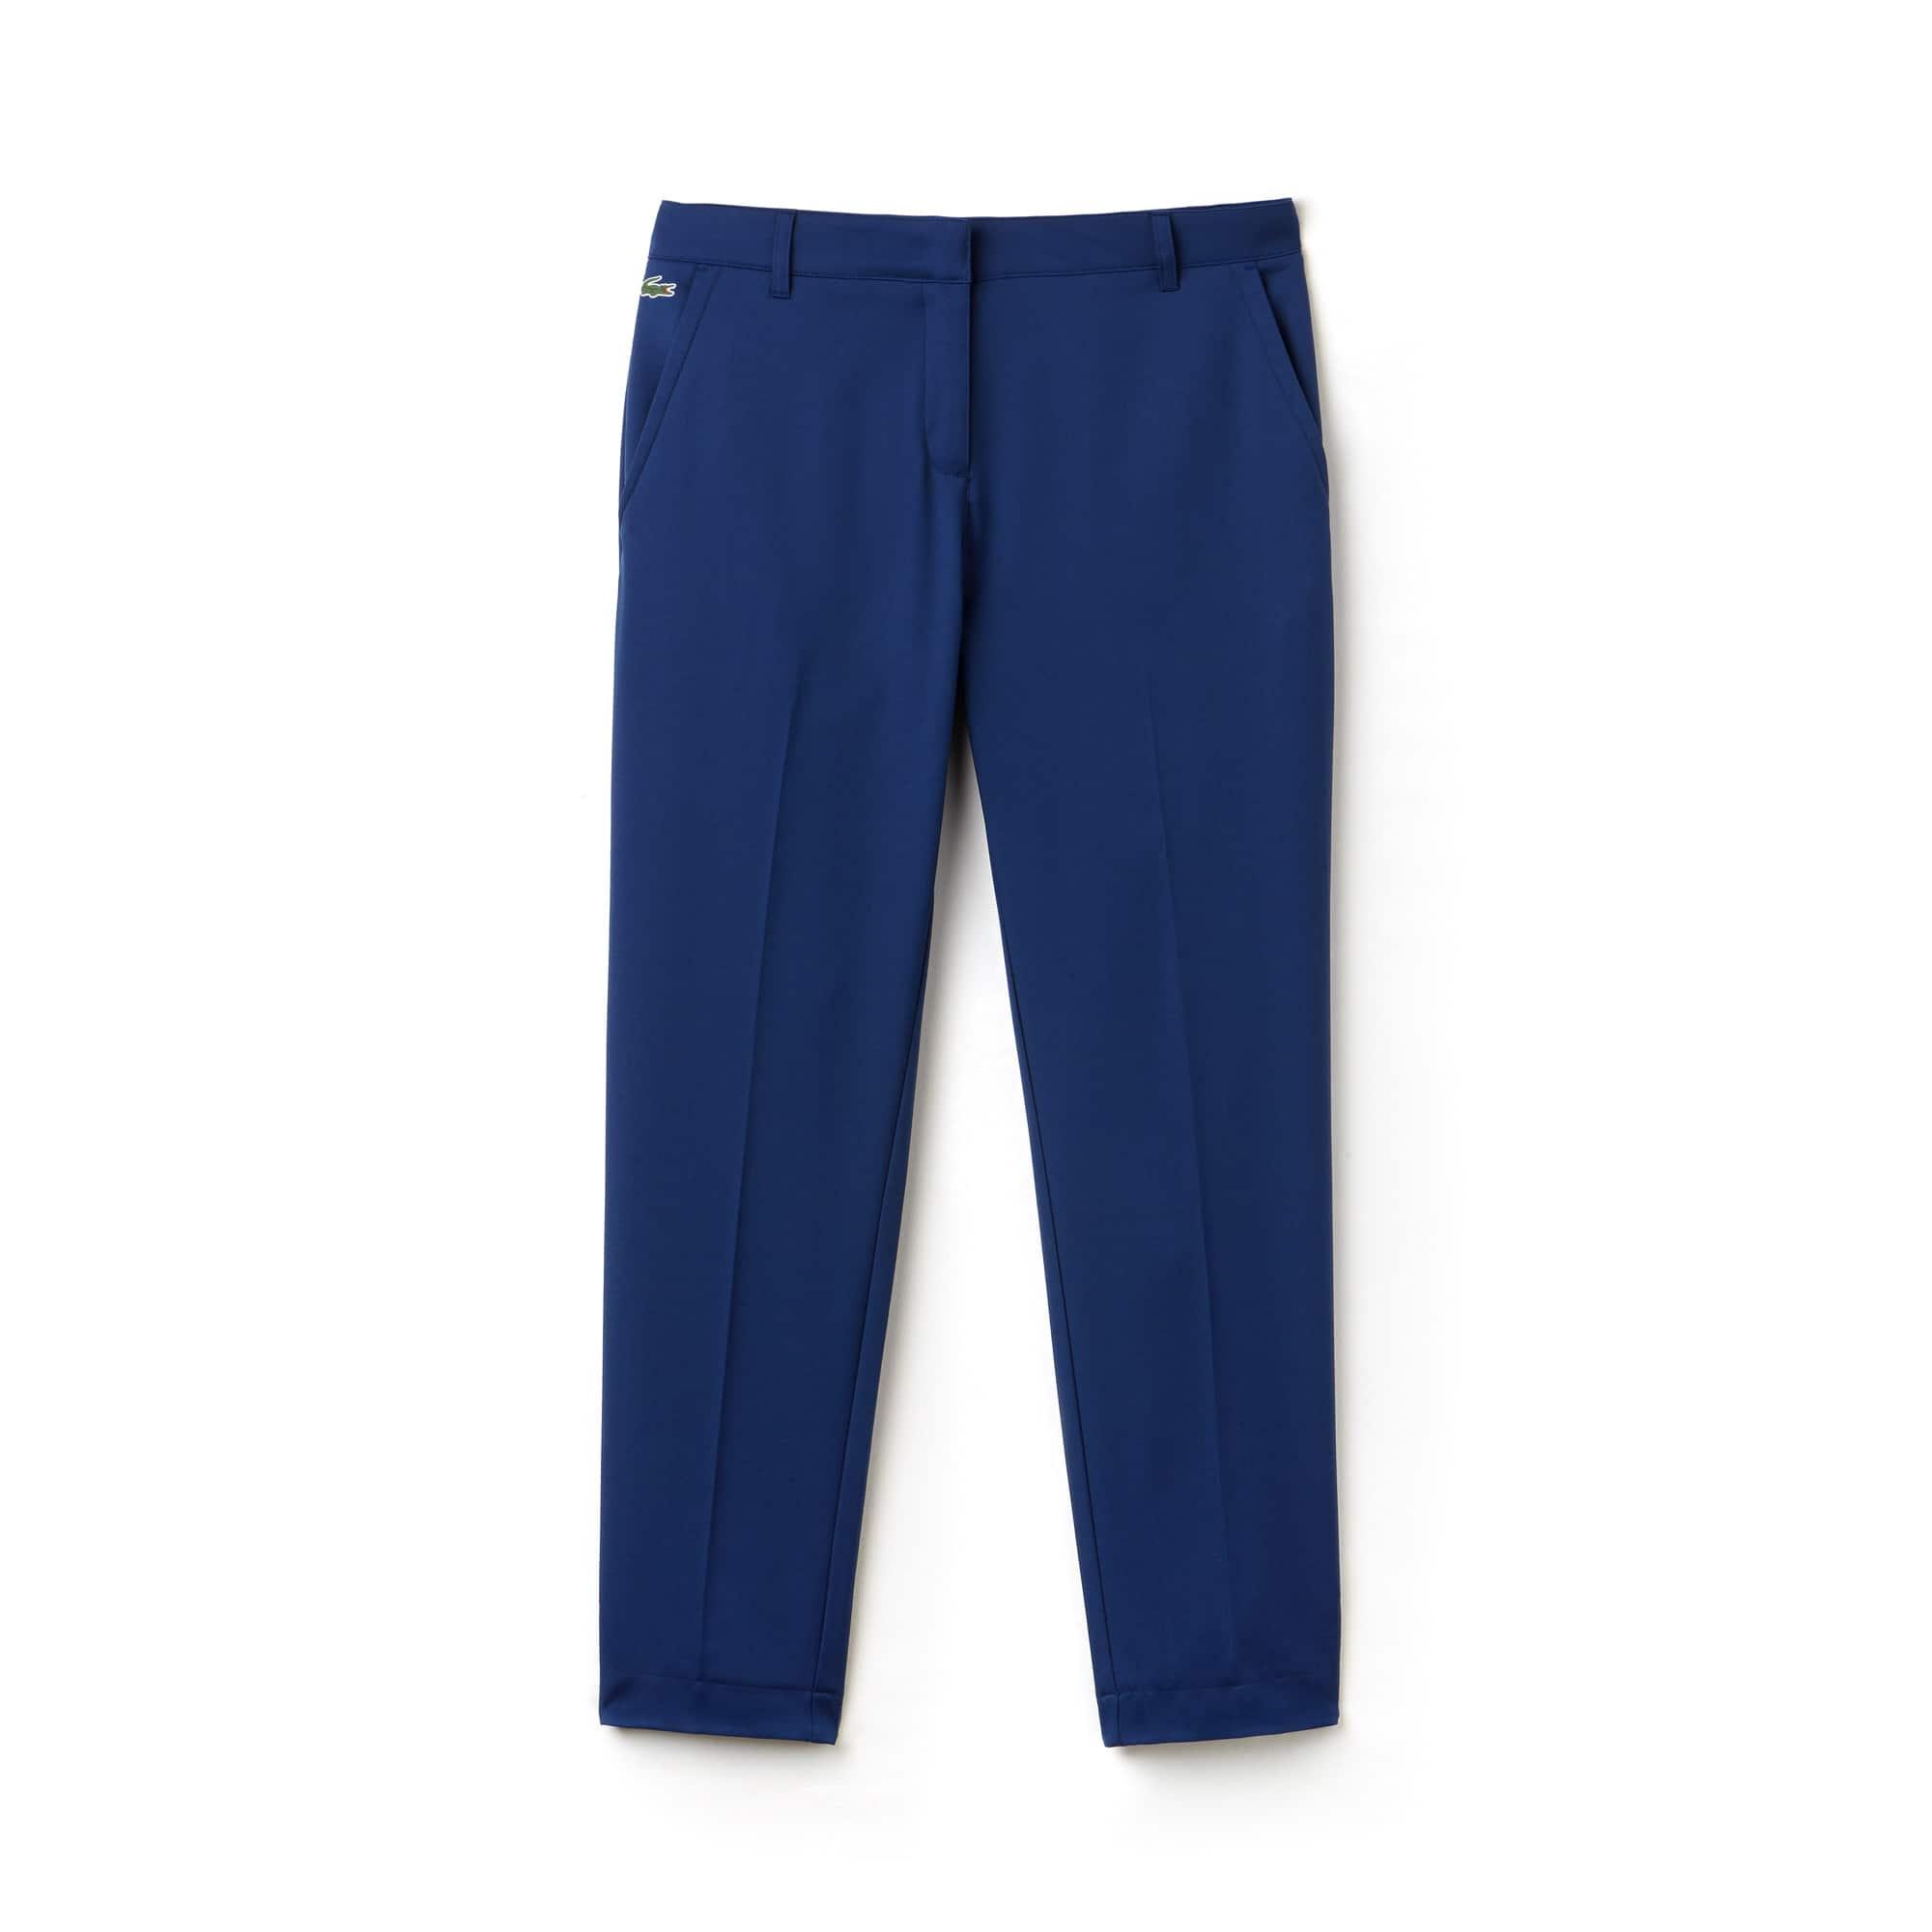 Pantalons à plis Lacoste SPORT Golf femmes en gabardine technique